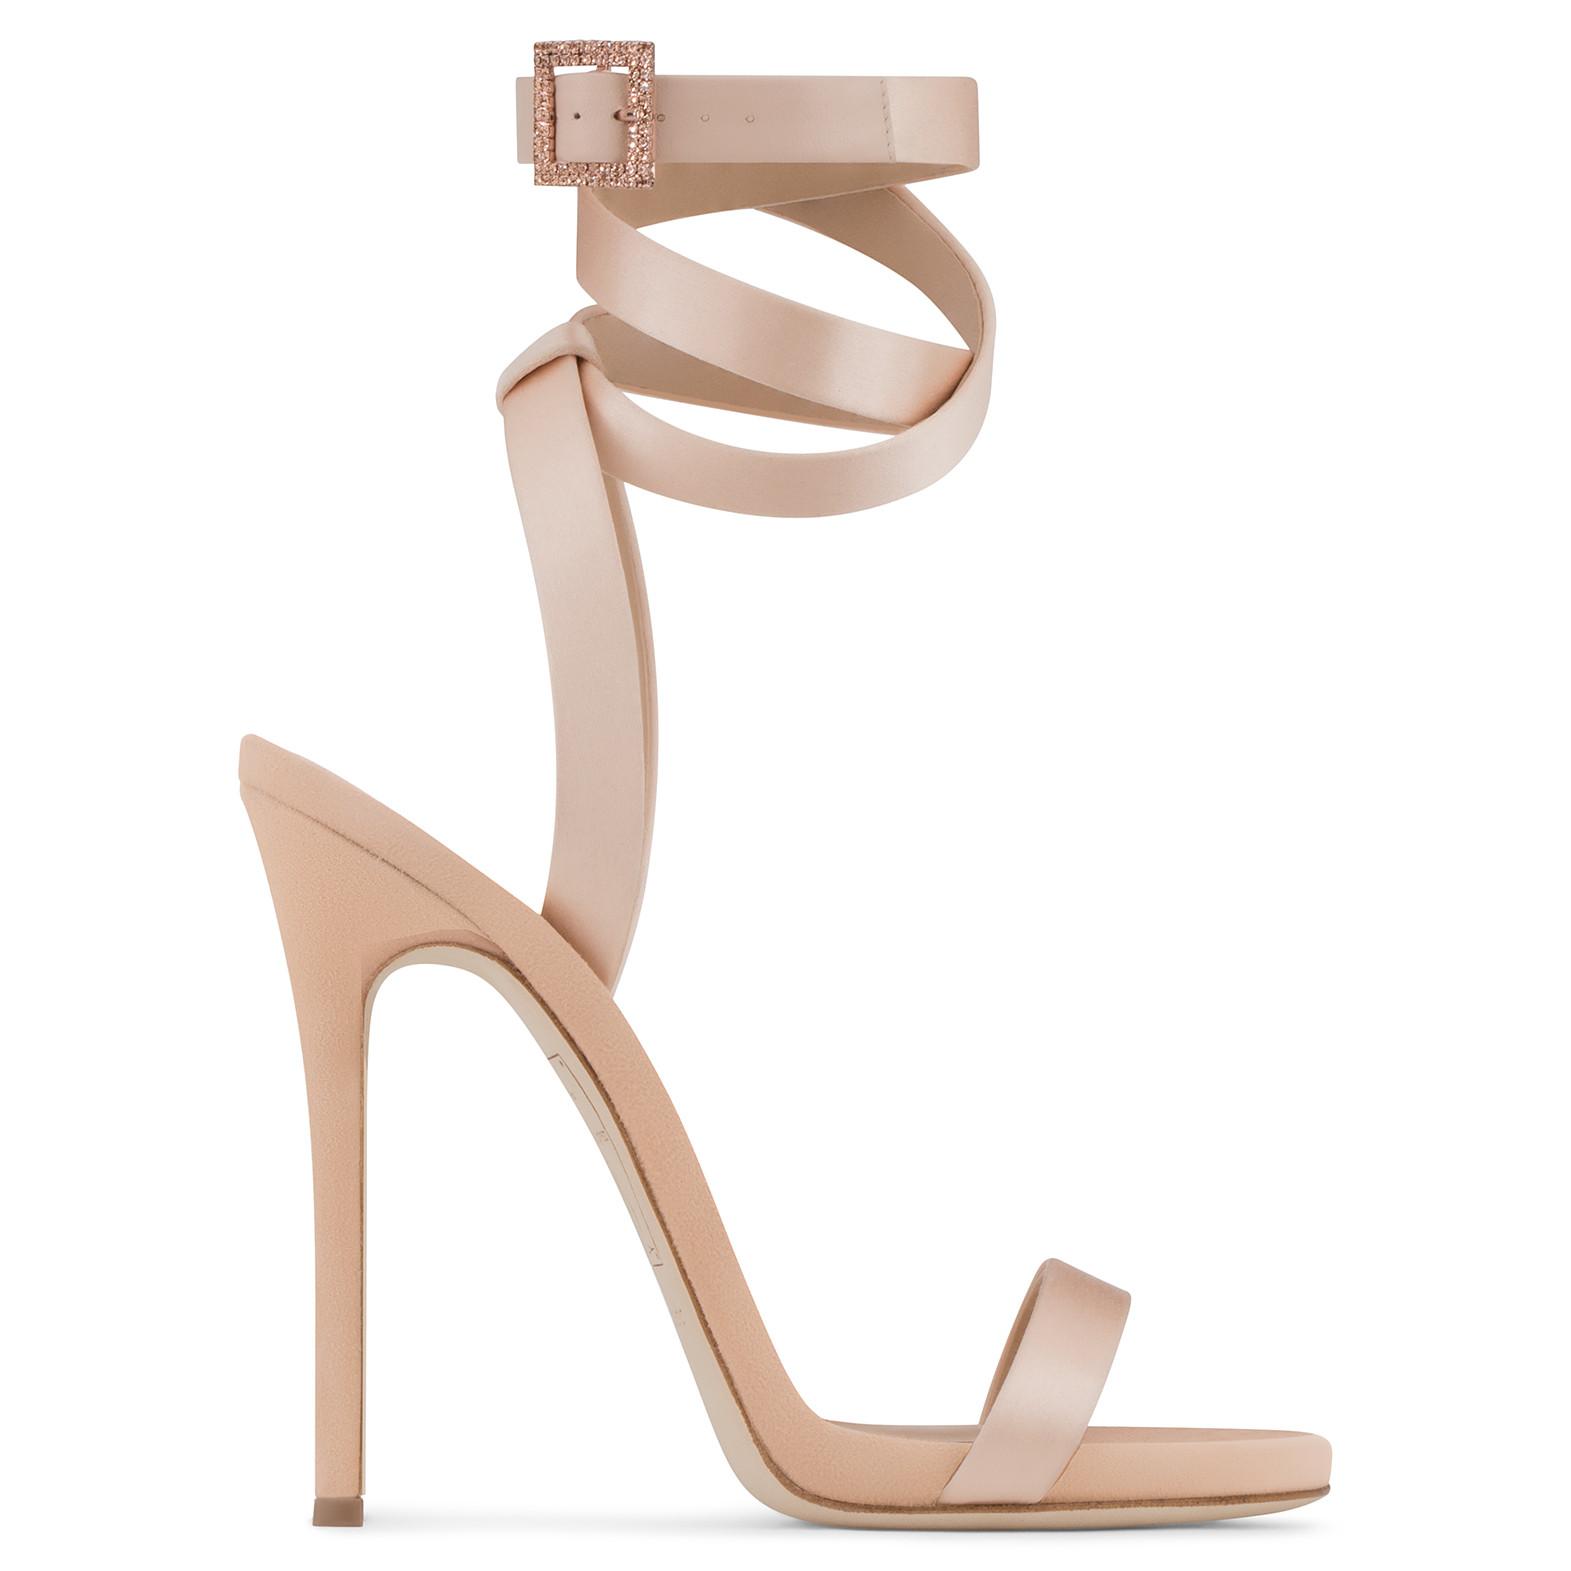 7274d2b112186 2. Giuseppe Zanotti Design LESLIE: Giuseppe for Jennifer Lopez: pale pink  satin sandal.